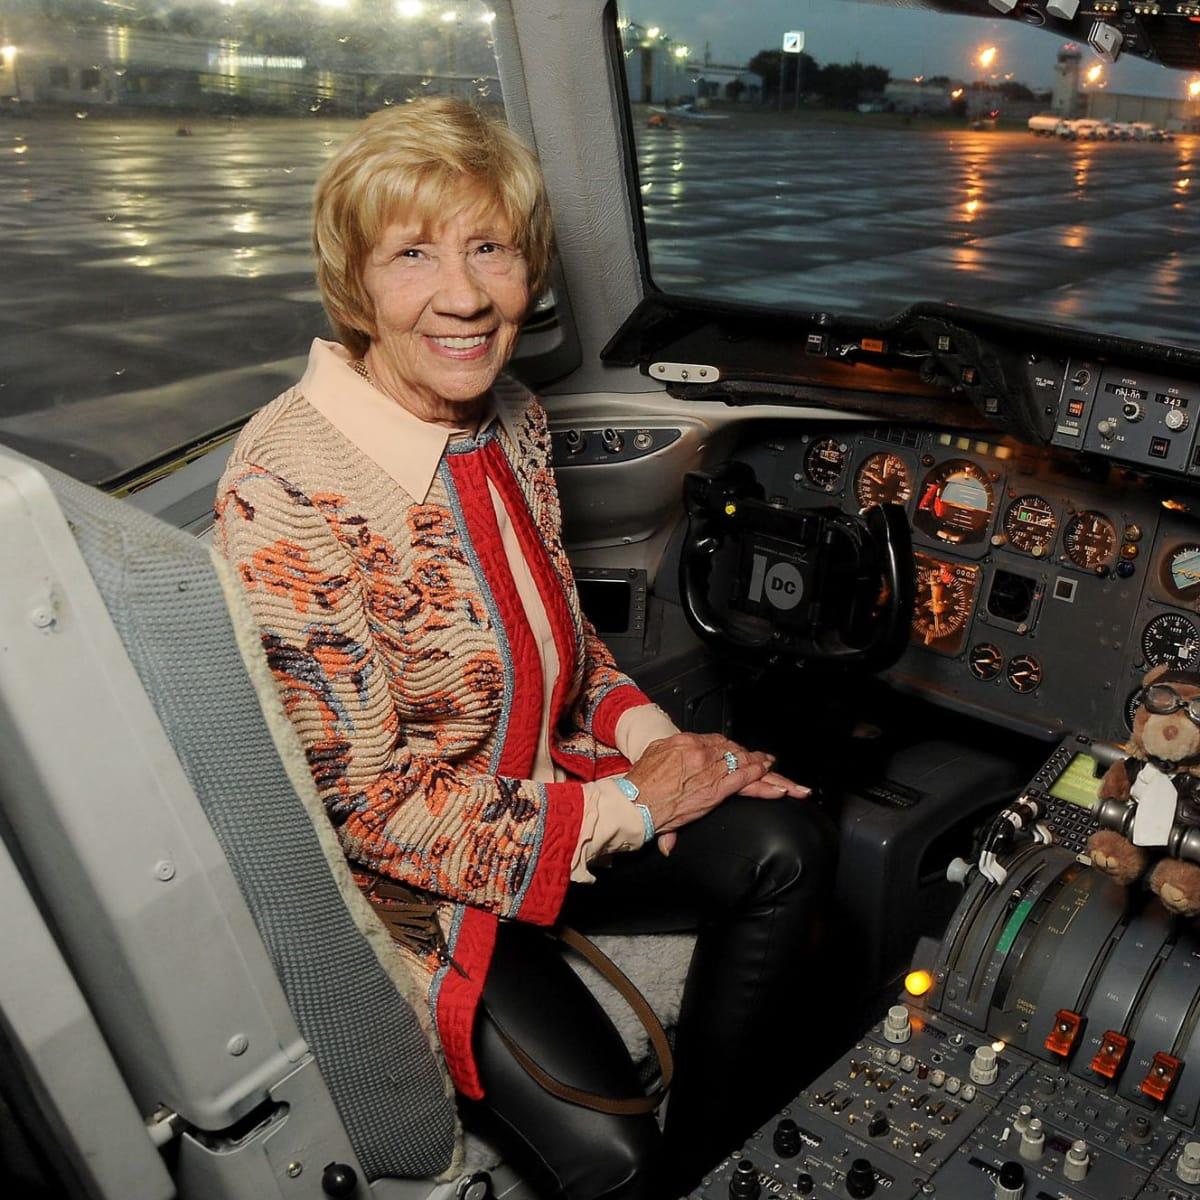 Orbis Flying Eye Donna Teichman